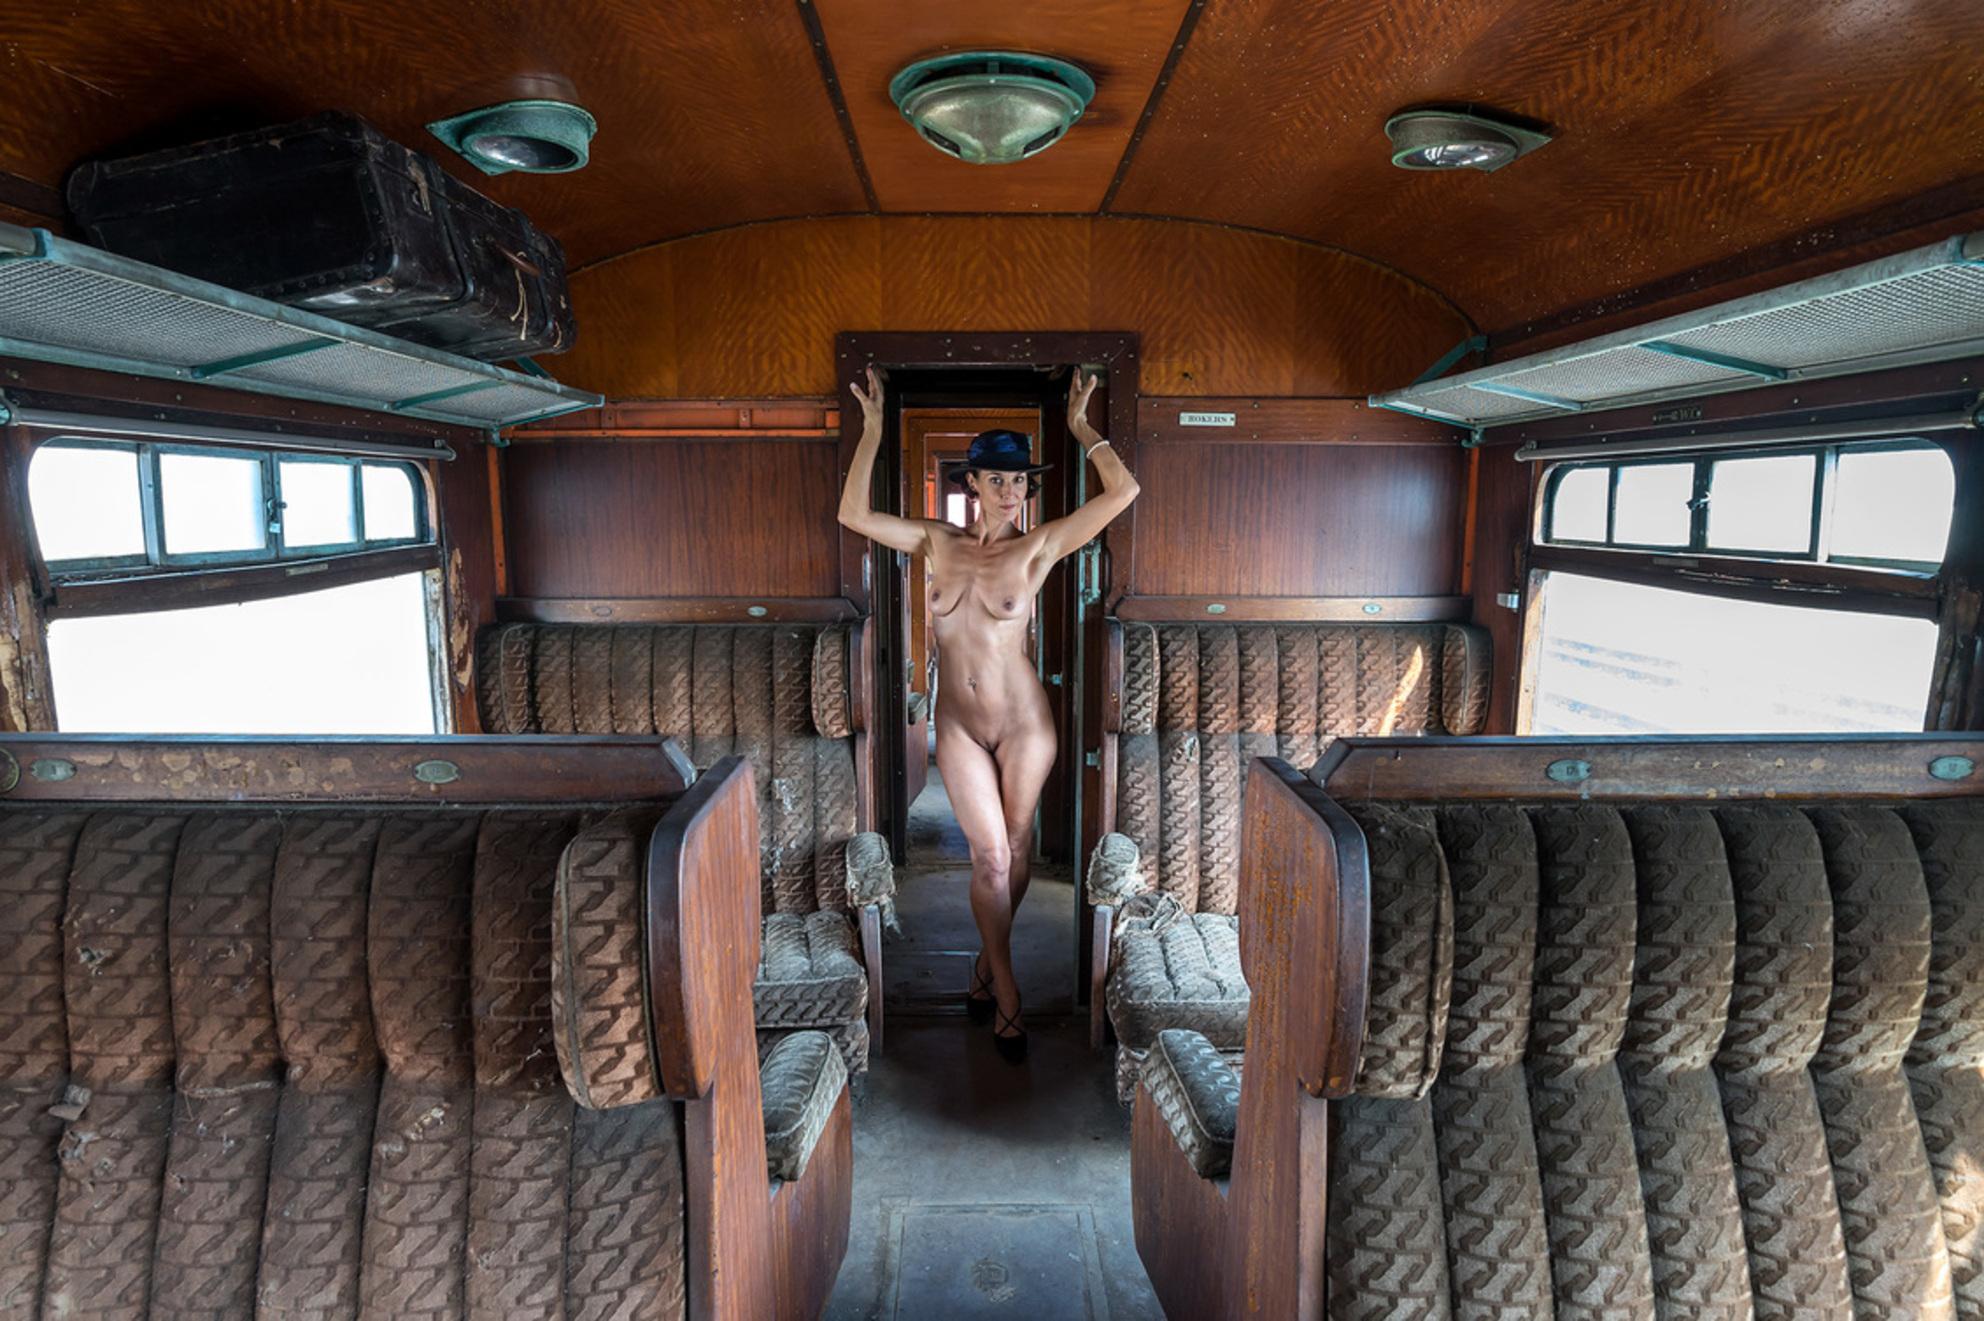 a trip to remember..... - Ergens in België staat deze luxueus uitgevoerde dieseltrein uit de serie 652 (later omgenummerd naar 620) om hopelijk weer in oude pracht gerestauree - foto door Wilcrooymans op 27-12-2015 - deze foto bevat: vrouw, trein, model, erotiek, hoed, beauty, naakt, koffer, belgie, oude, verlaten, urbex, abandoned, coupe, orient, express